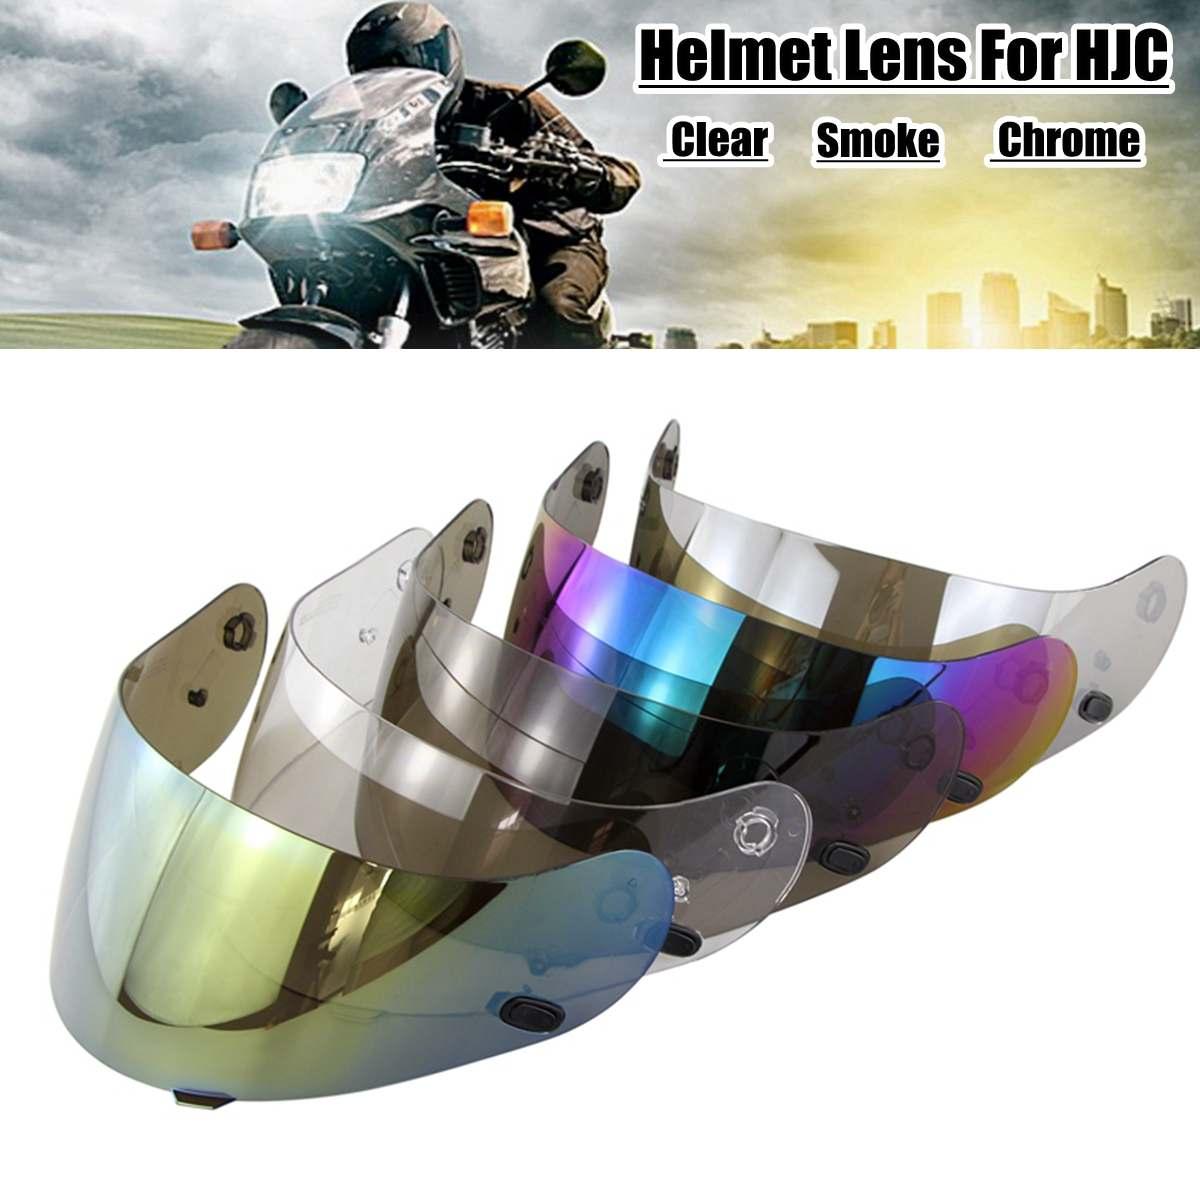 Motorcycle Helmet Lens Visor Helmet Glasses For HJC CL-16 CL-17 CS-15 CS-R1 CS-R2 CS-15 FG-15 TR-1